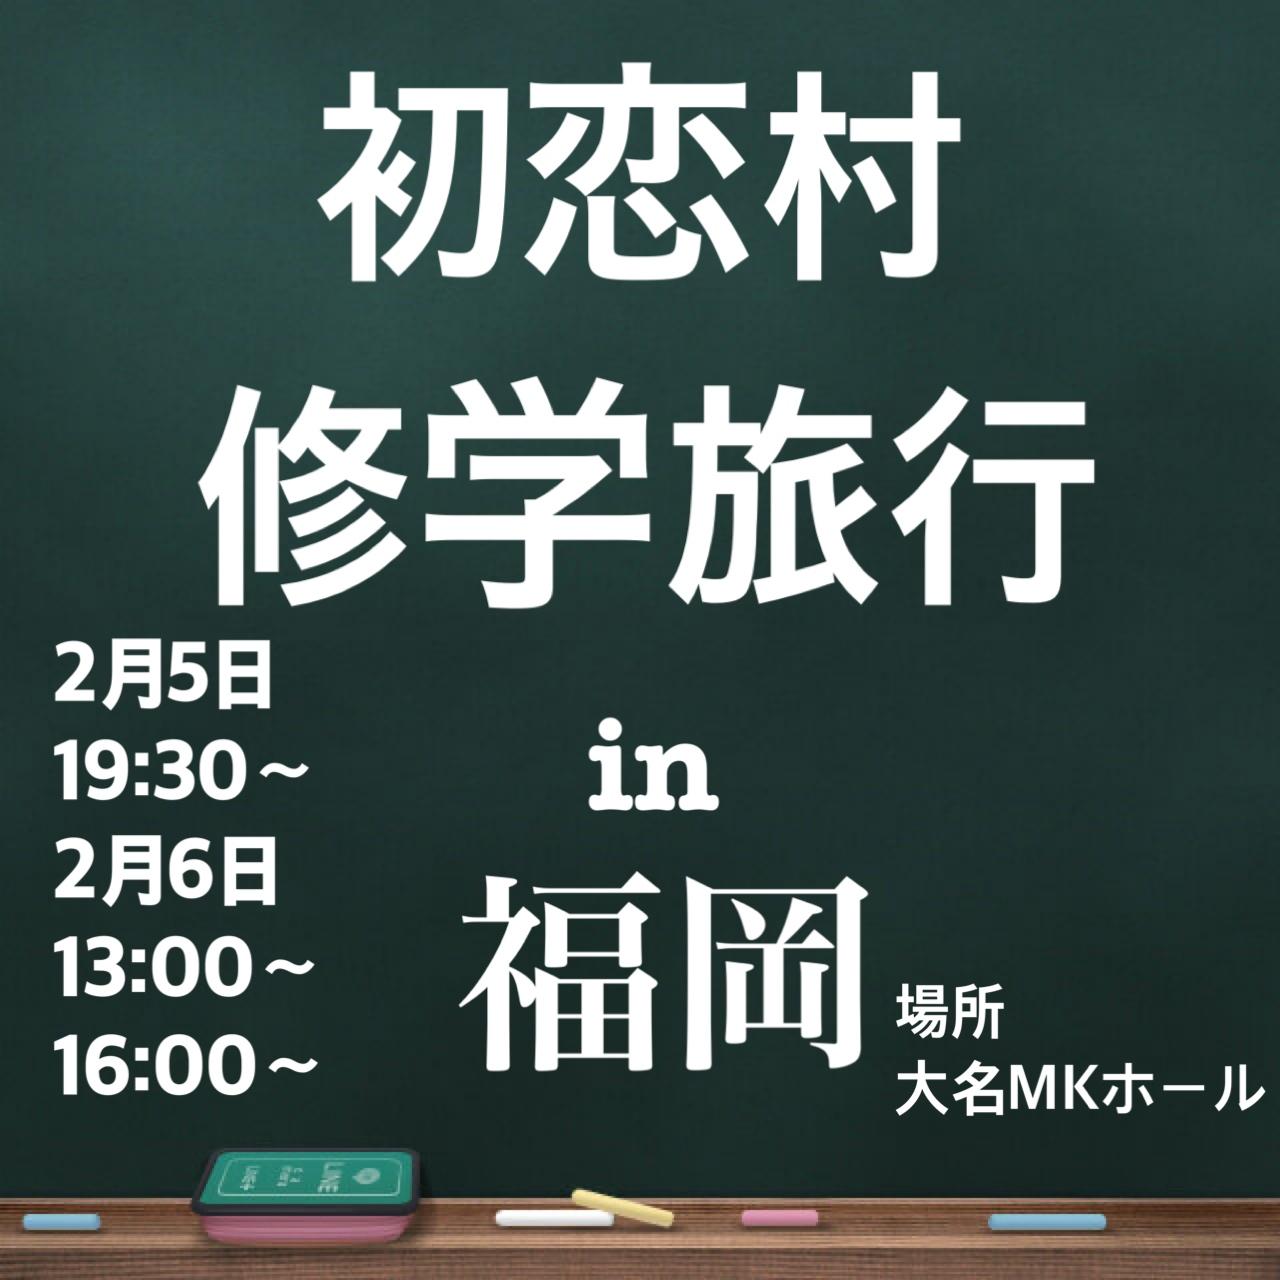 【劇場】2月5日初恋村ライブin福岡